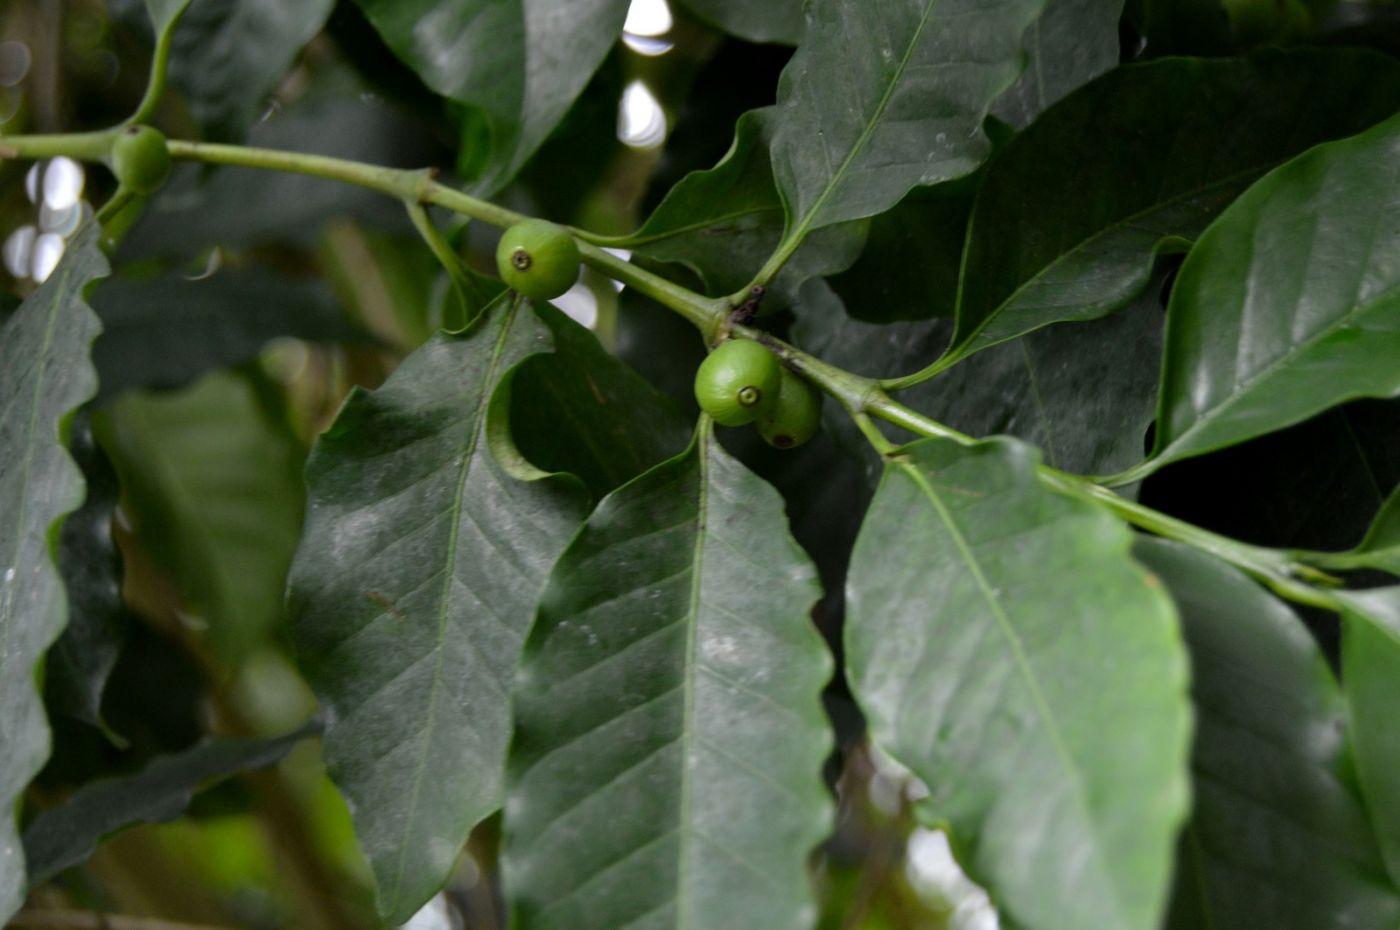 小果咖啡_图1-9